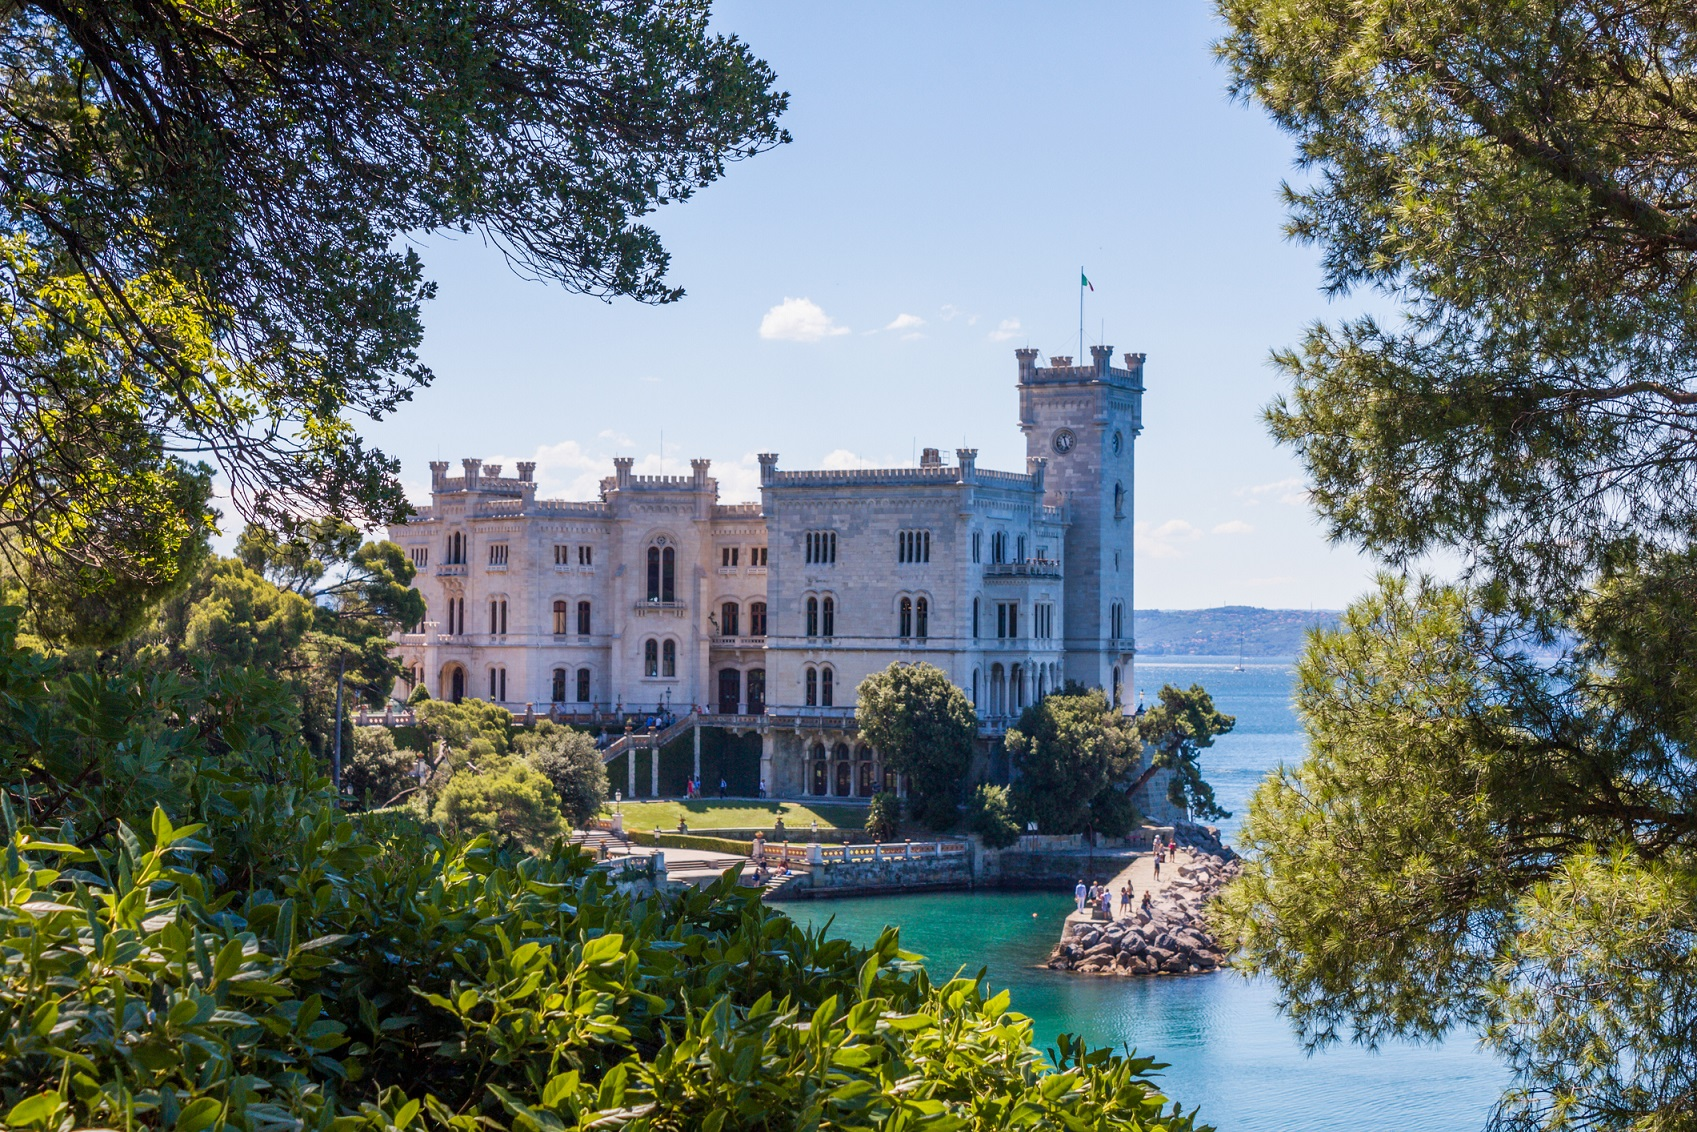 Castello di Miramare